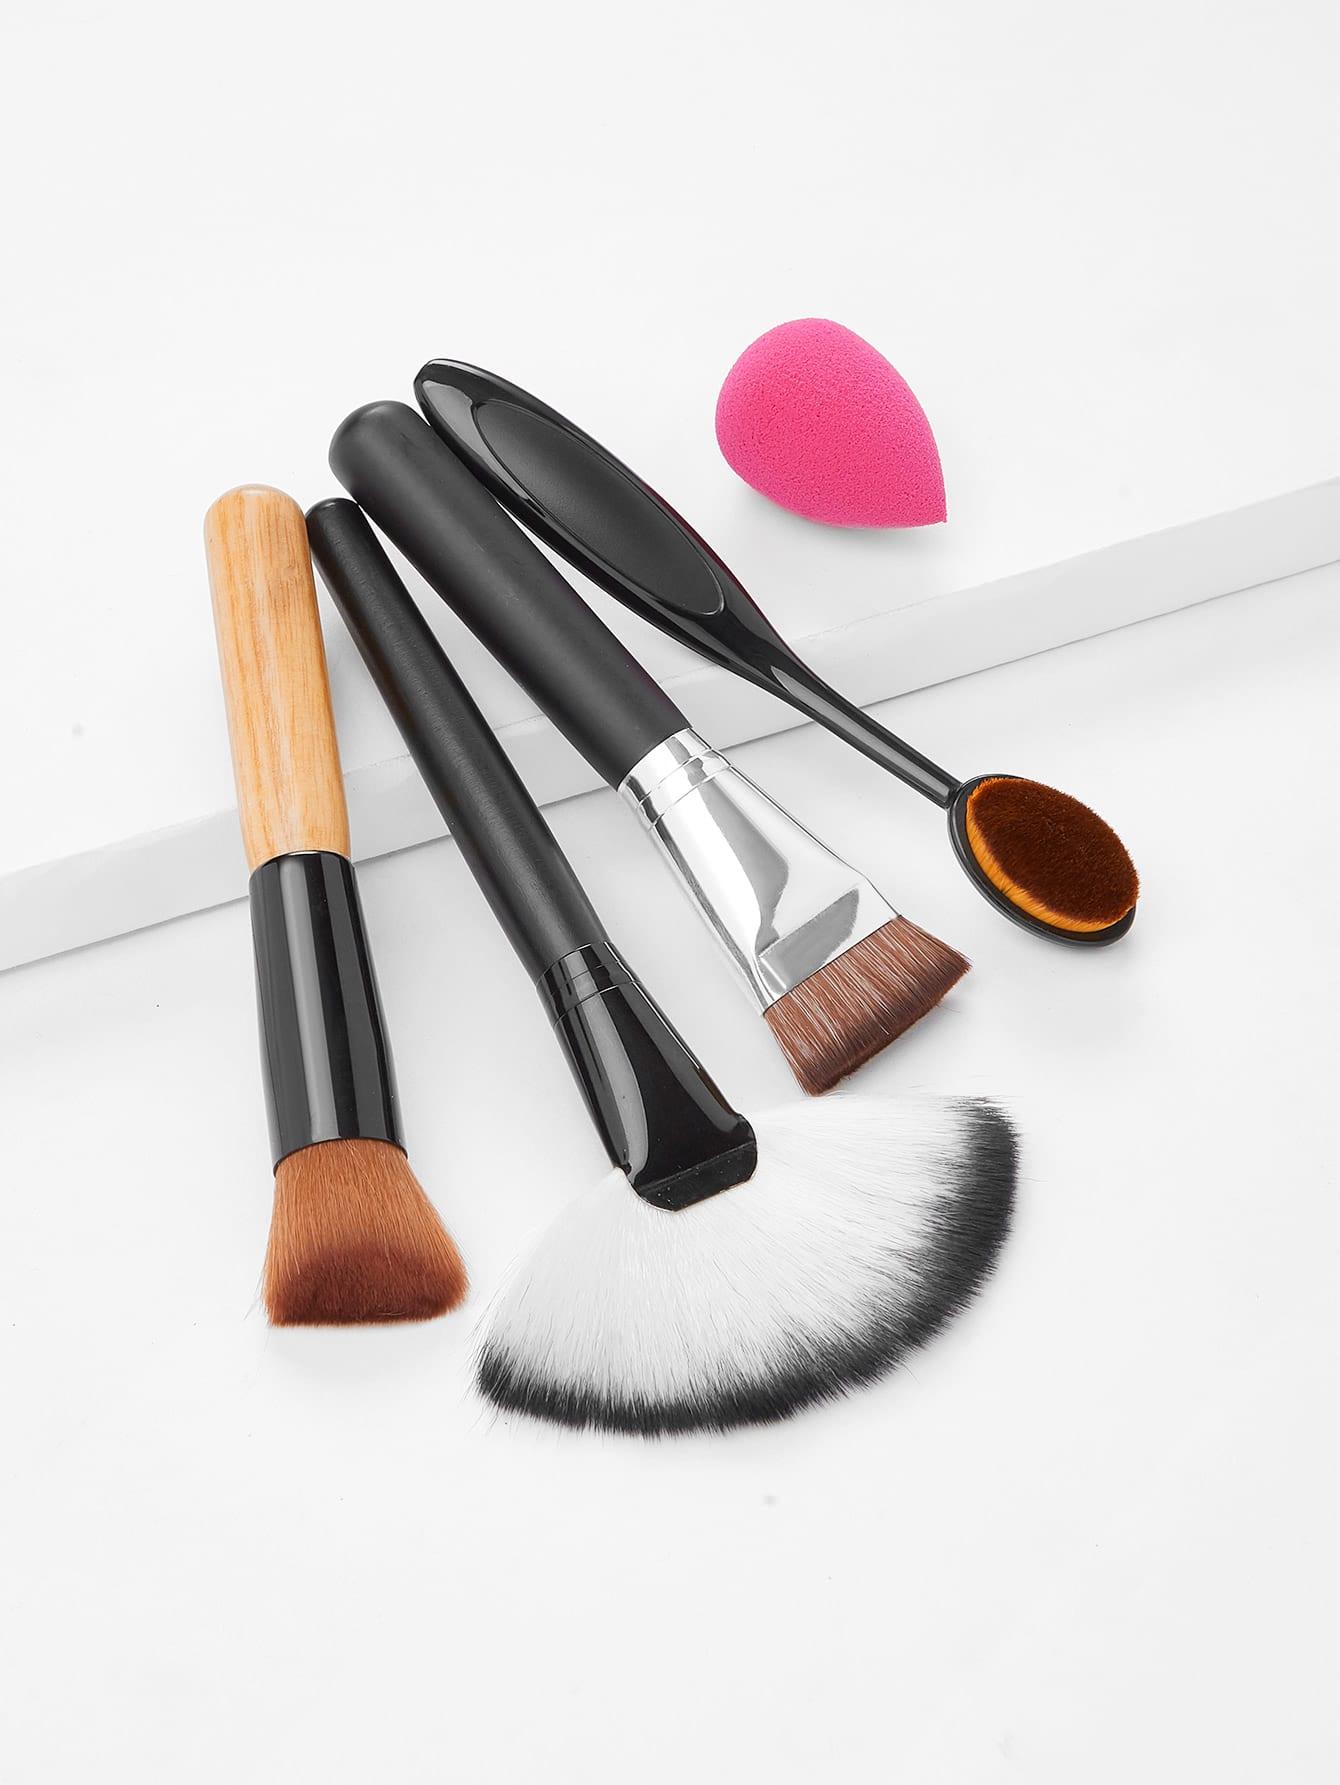 Купить со скидкой Makeup Brush Set With Puff